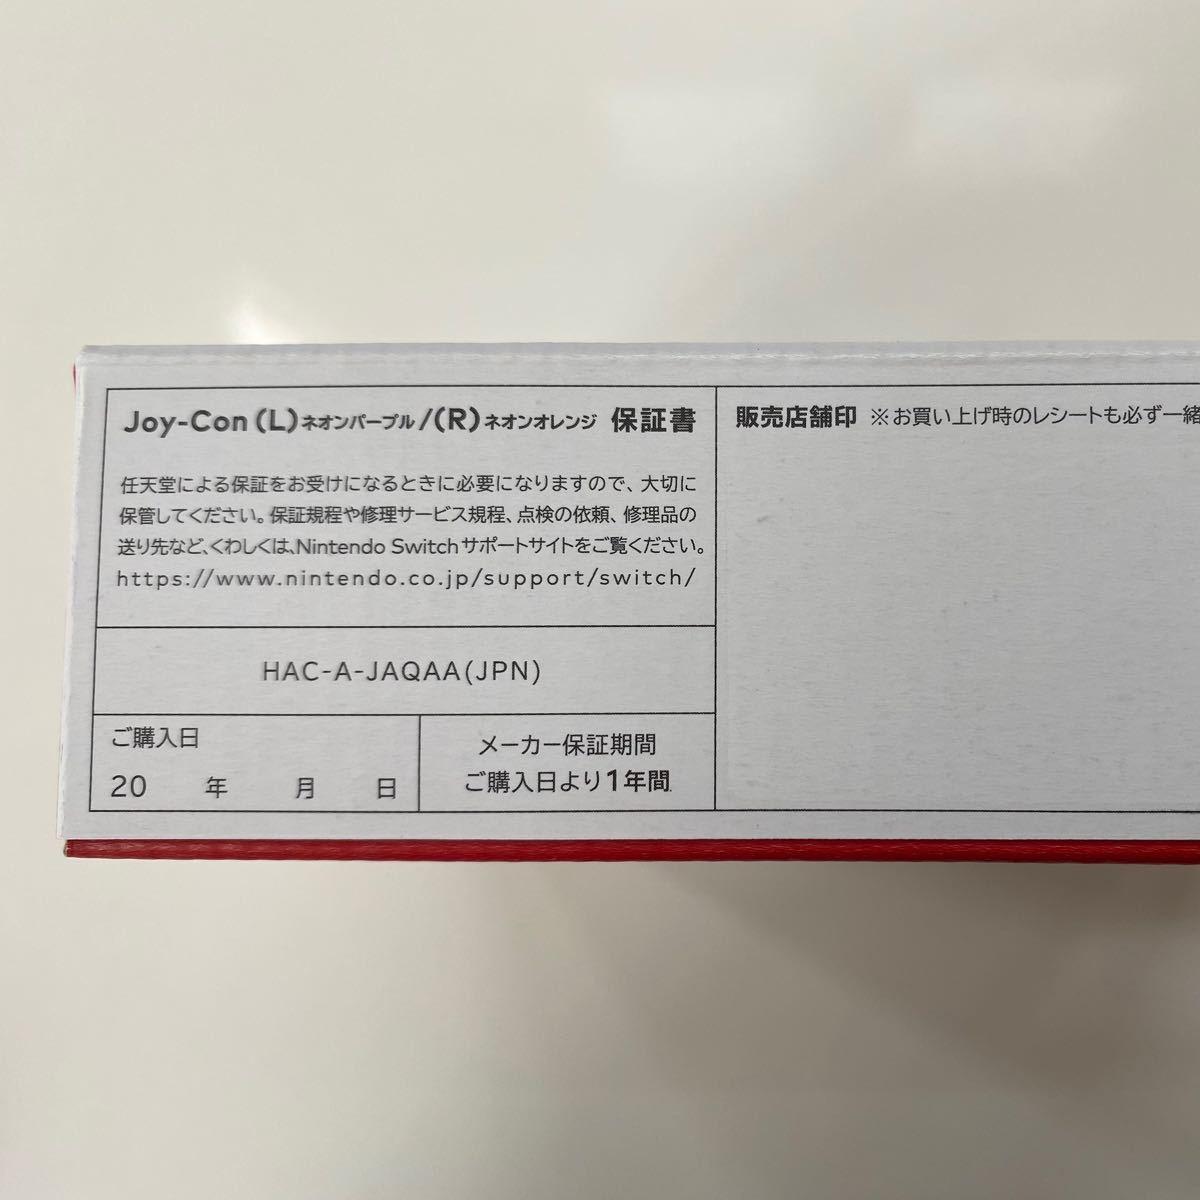 ニンテンドースイッチ Switch ジョイコン Joy-Con (L)左 ネオンパープル (R)右 ネオンオレンジ 新品未使用